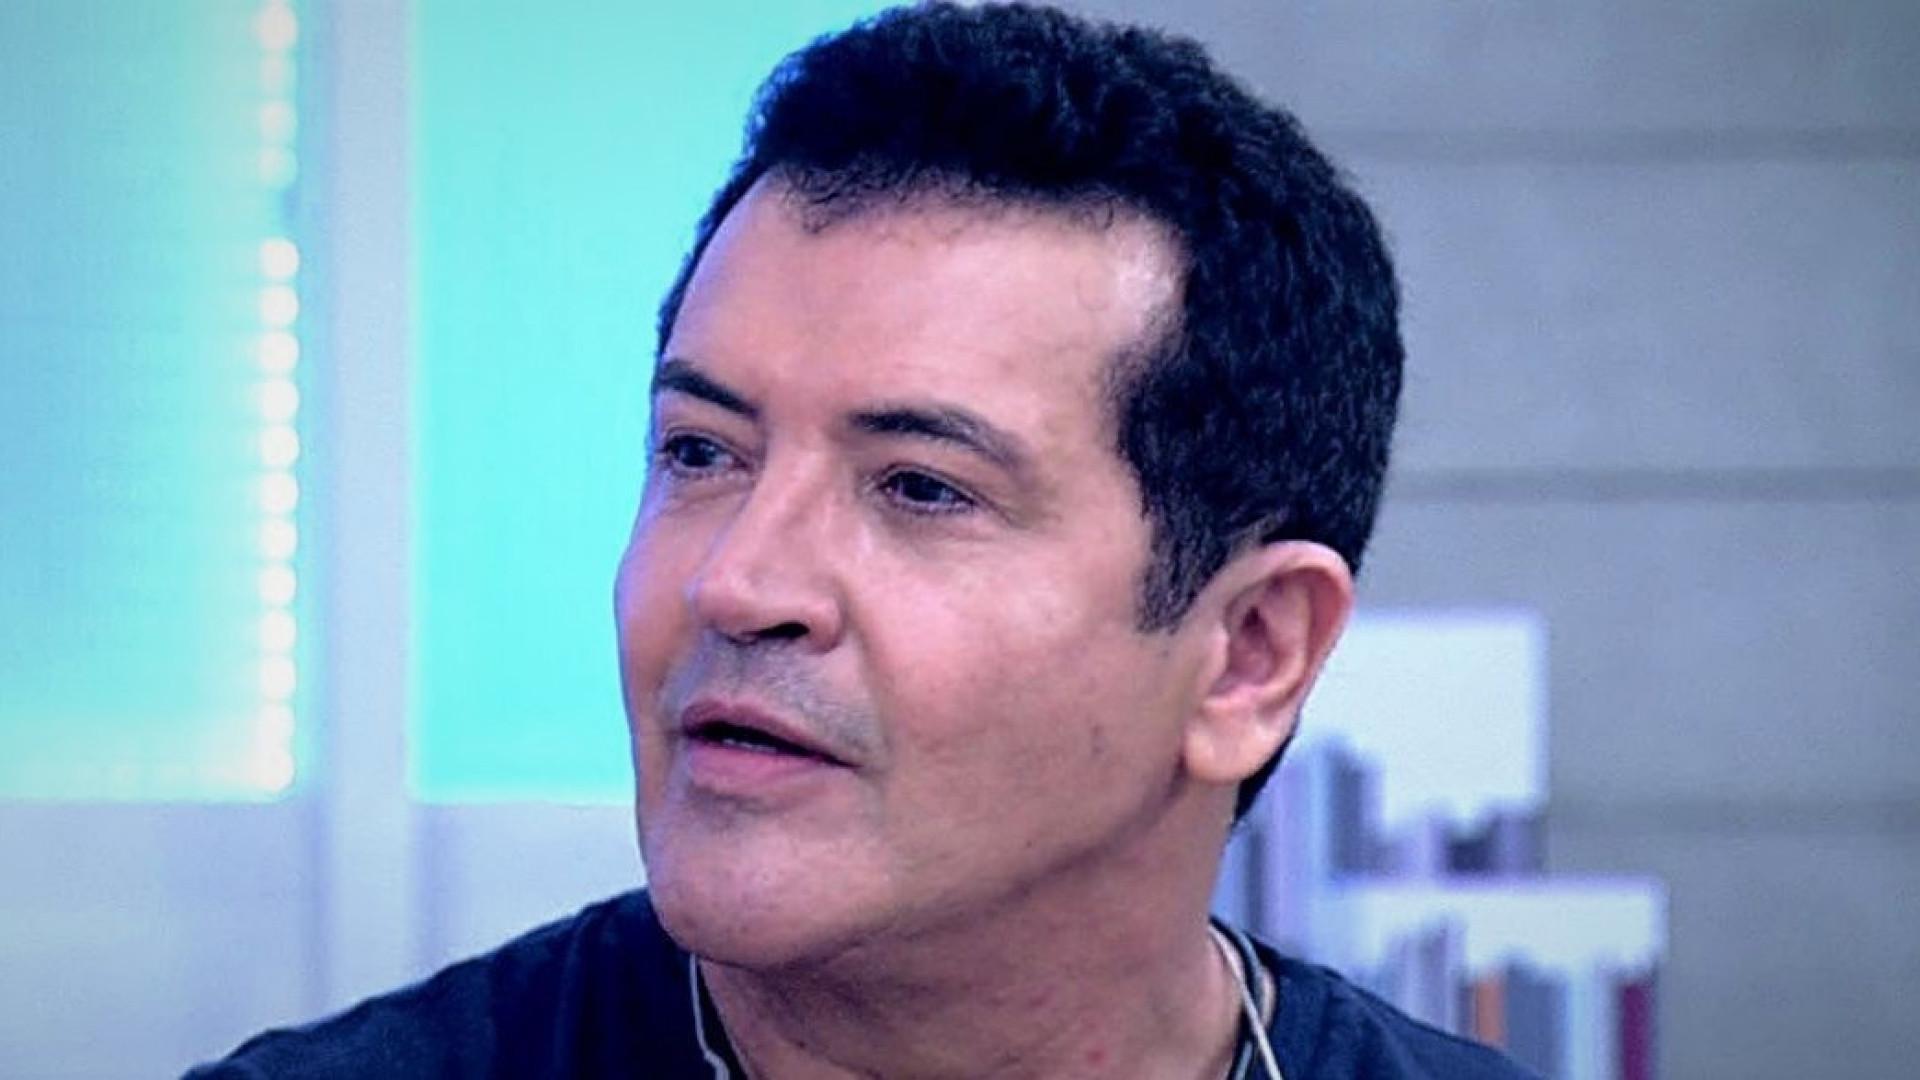 Beto Barbosa comemora alta hospitalar e fim de tratamento contra câncer